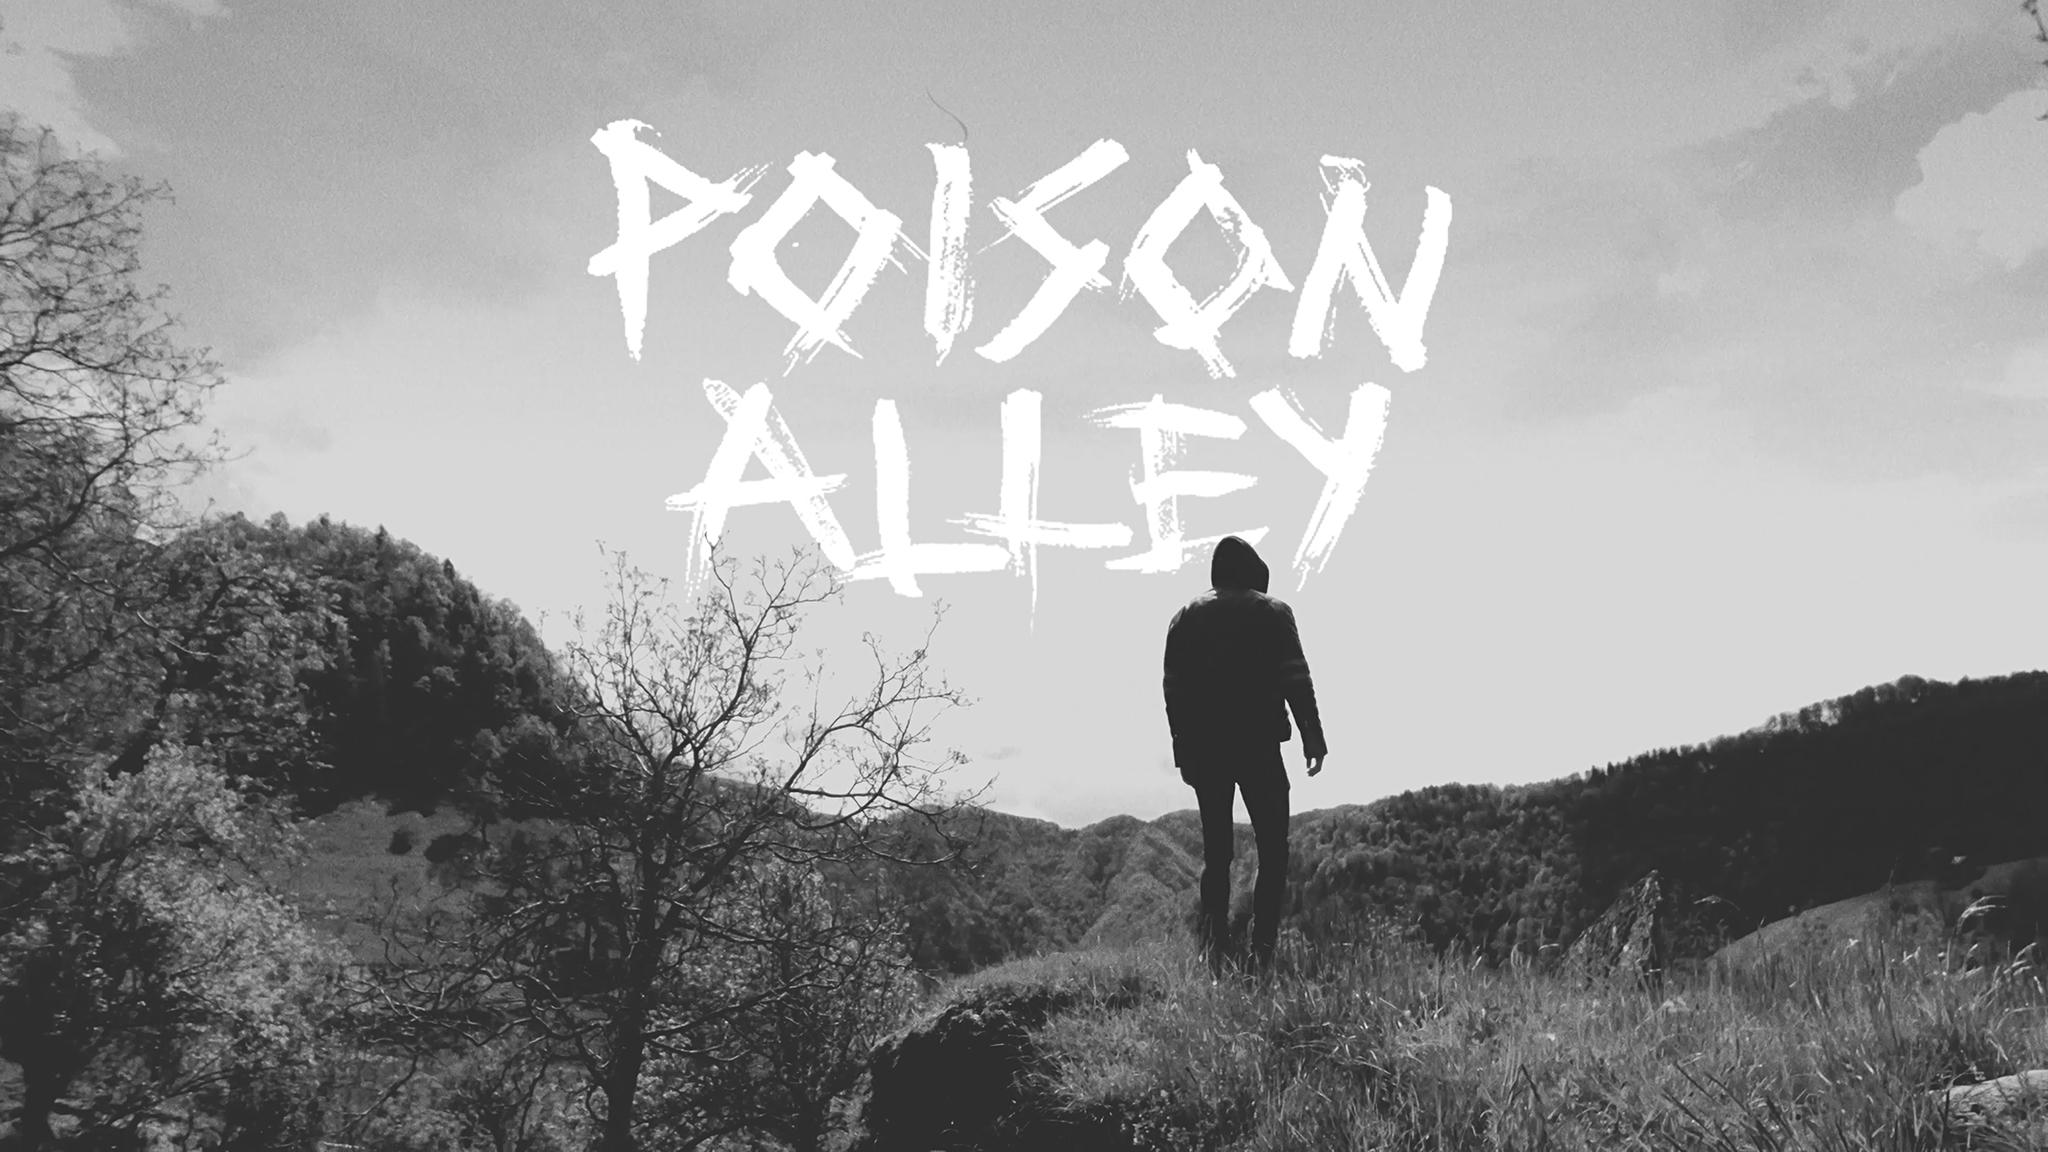 Poison Alley |2017|